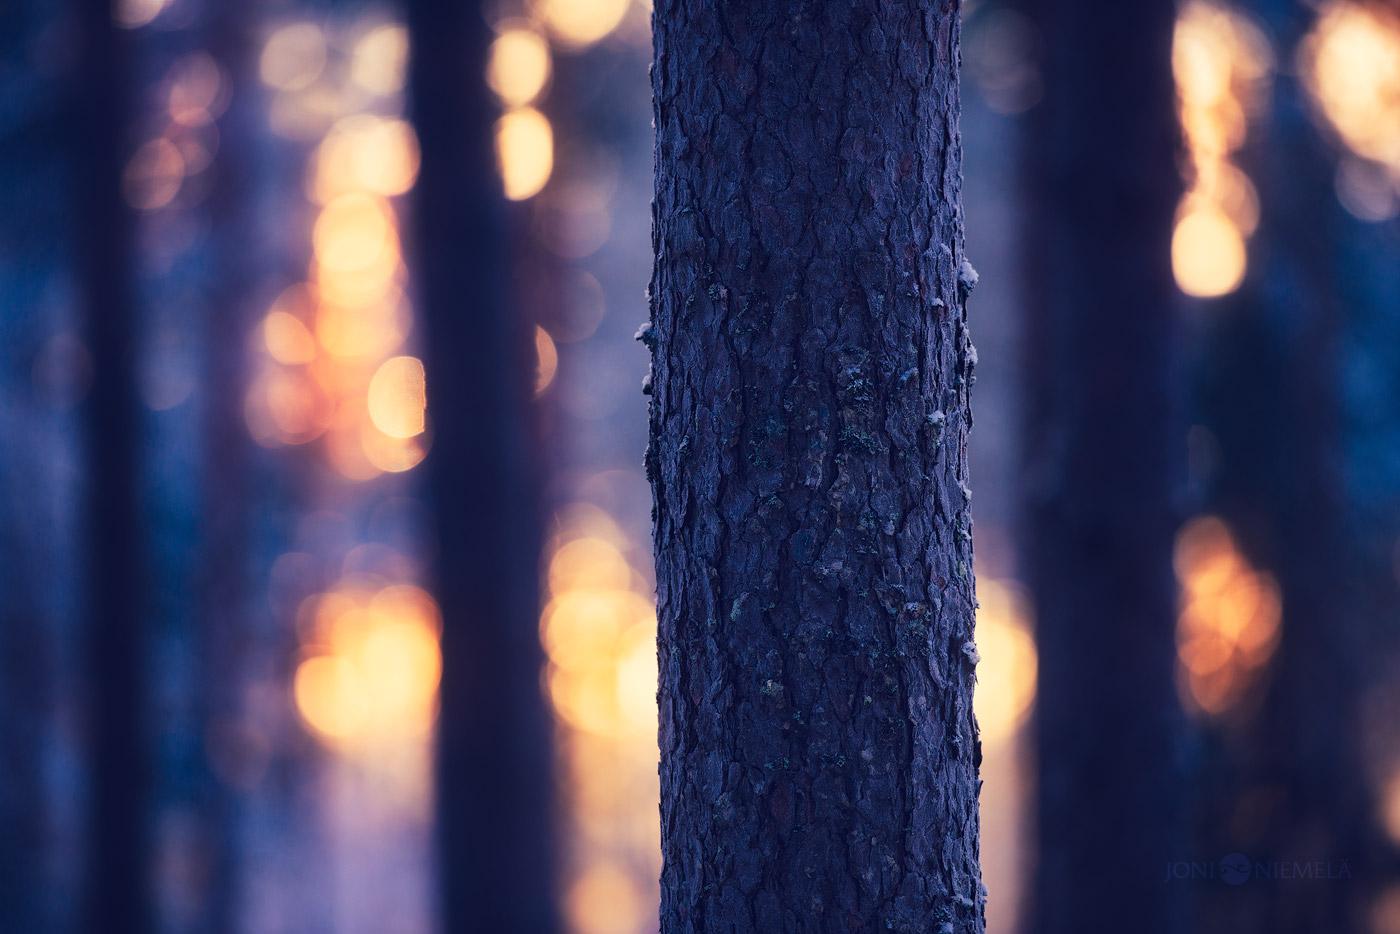 Forest Illuminated